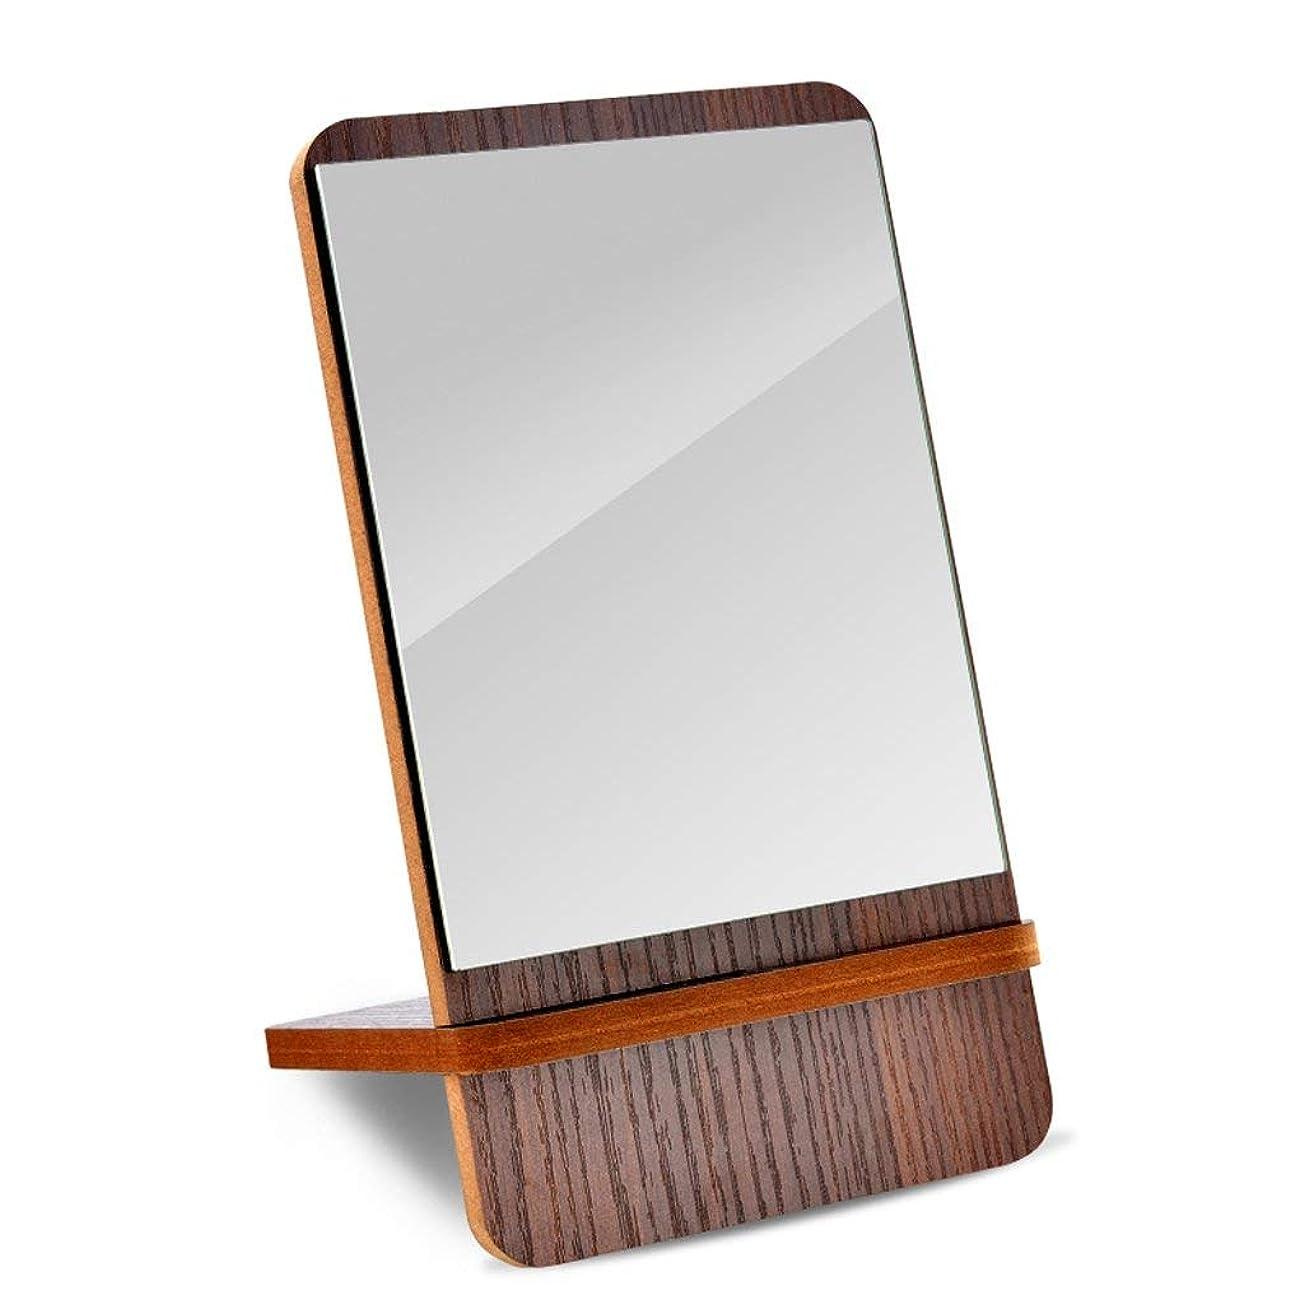 支配するデンマーク語キャンバス化粧鏡木製スクエアデスクトップシングルサイドHDシンプルバニティミラーリムーバブルポータブルトラベルシェービングミラー(サイズ:15 * 26.5cm)